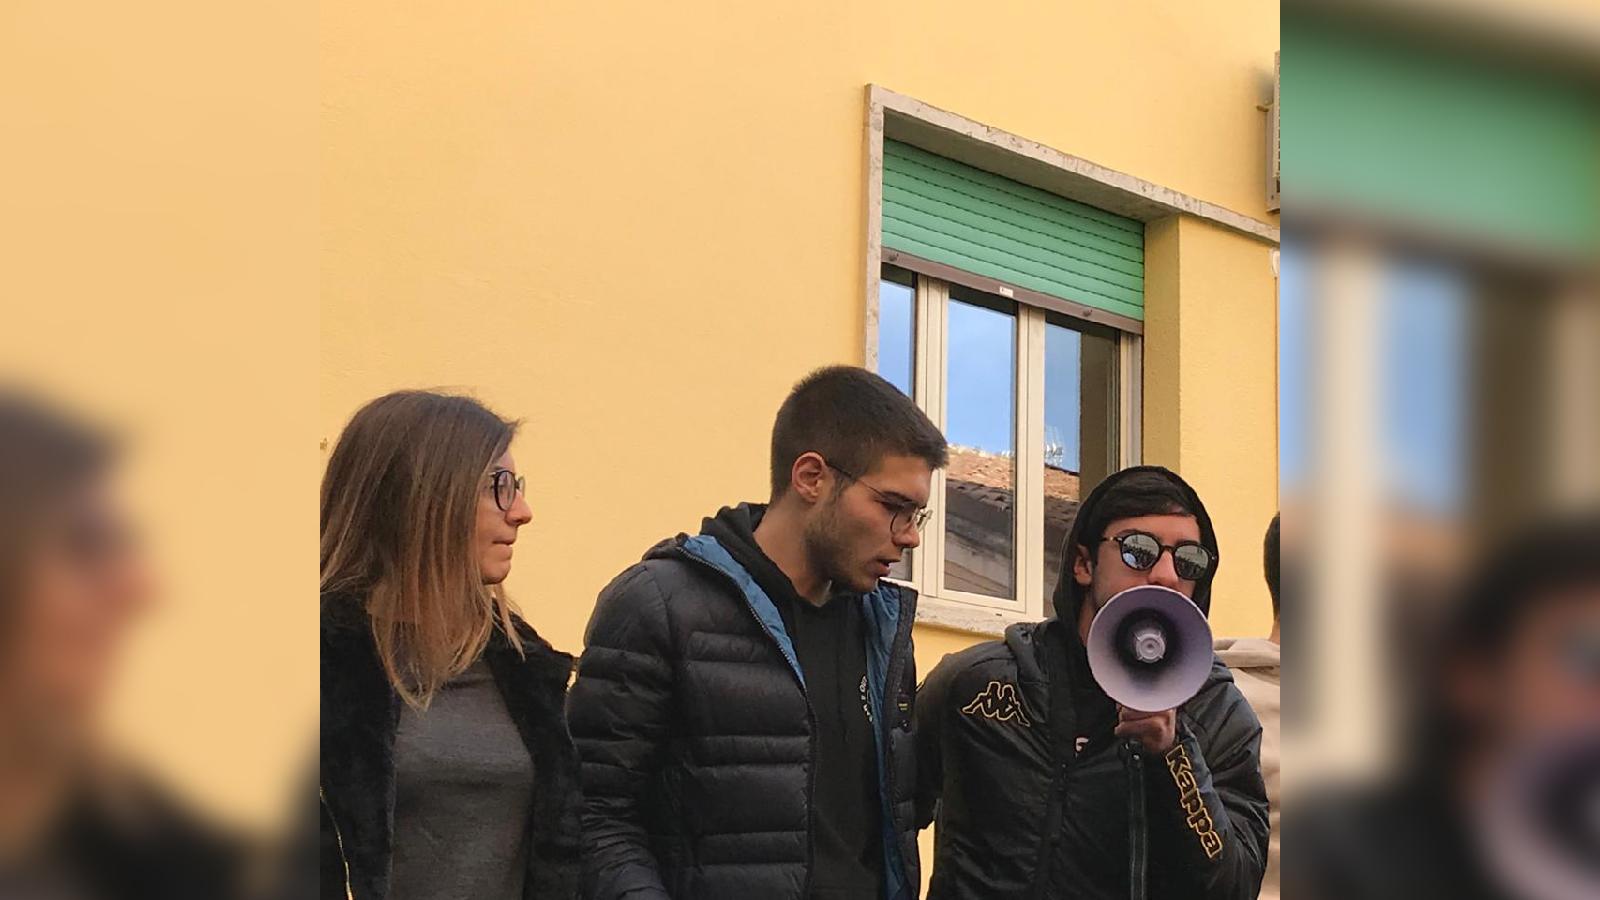 VIDEO - Studenti in piazza per protestare contro cornicioni pericolanti e eternit in aula